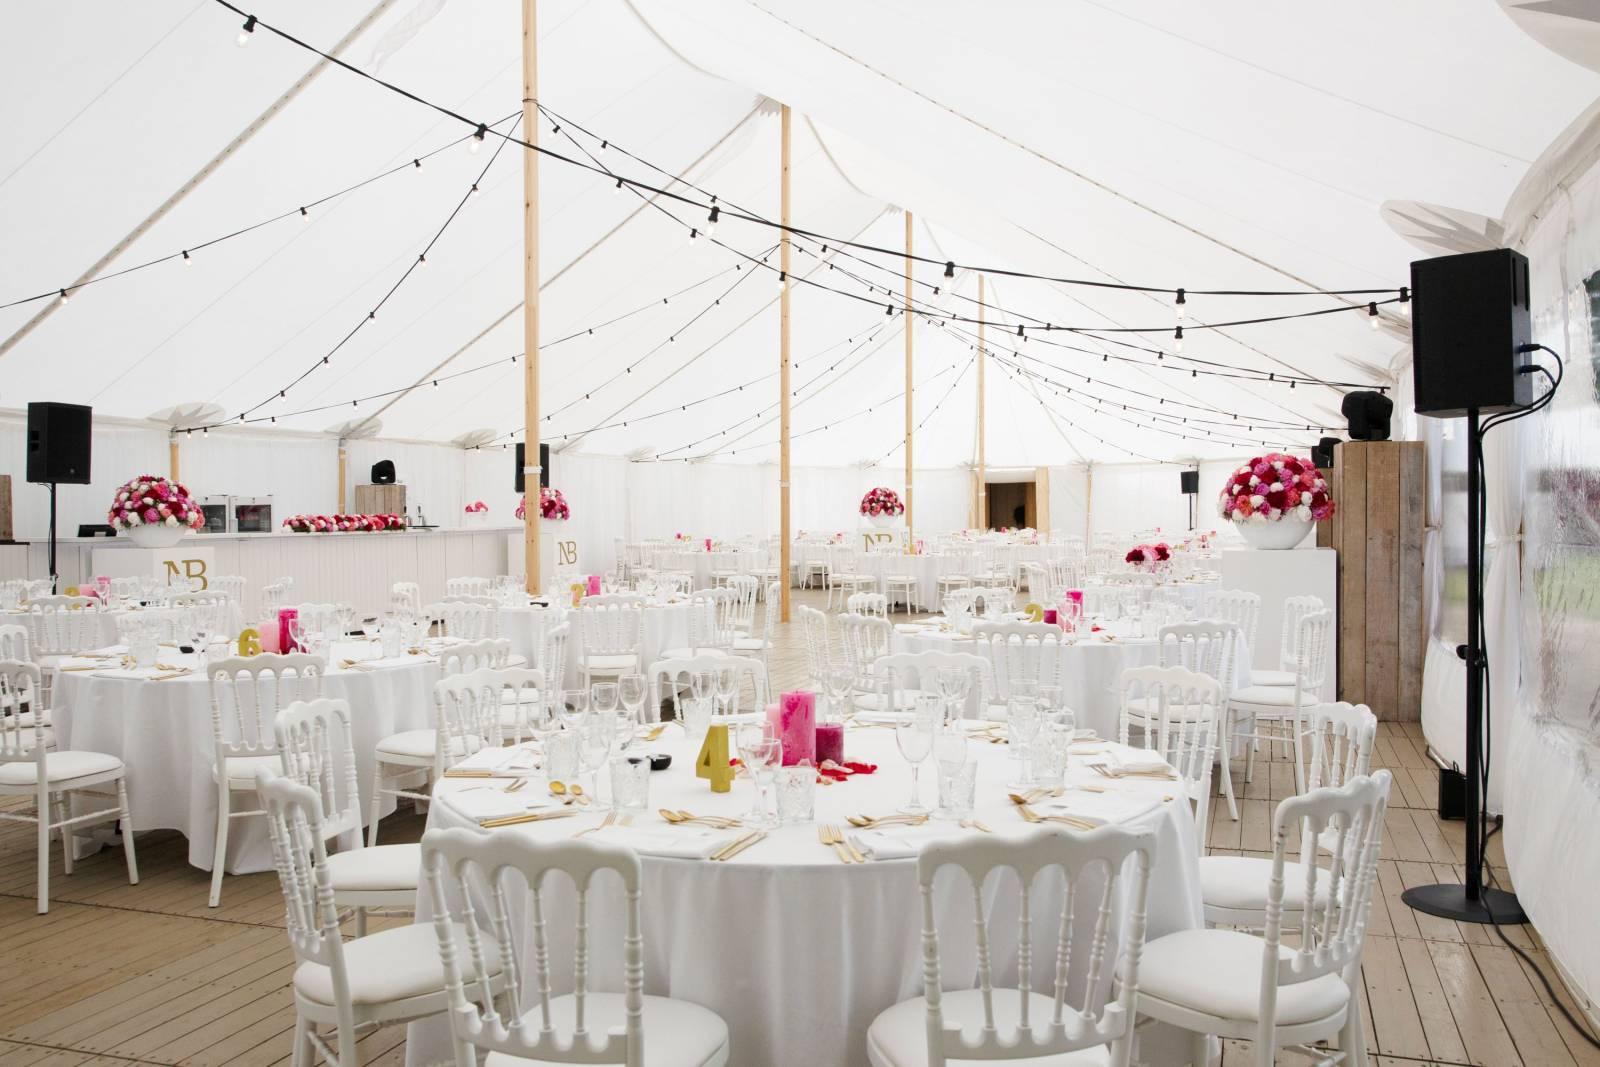 Altiro Tenten - Wedding Tent - Feesttent - Huwelijk trouw bruiloft - House of Weddings - 17